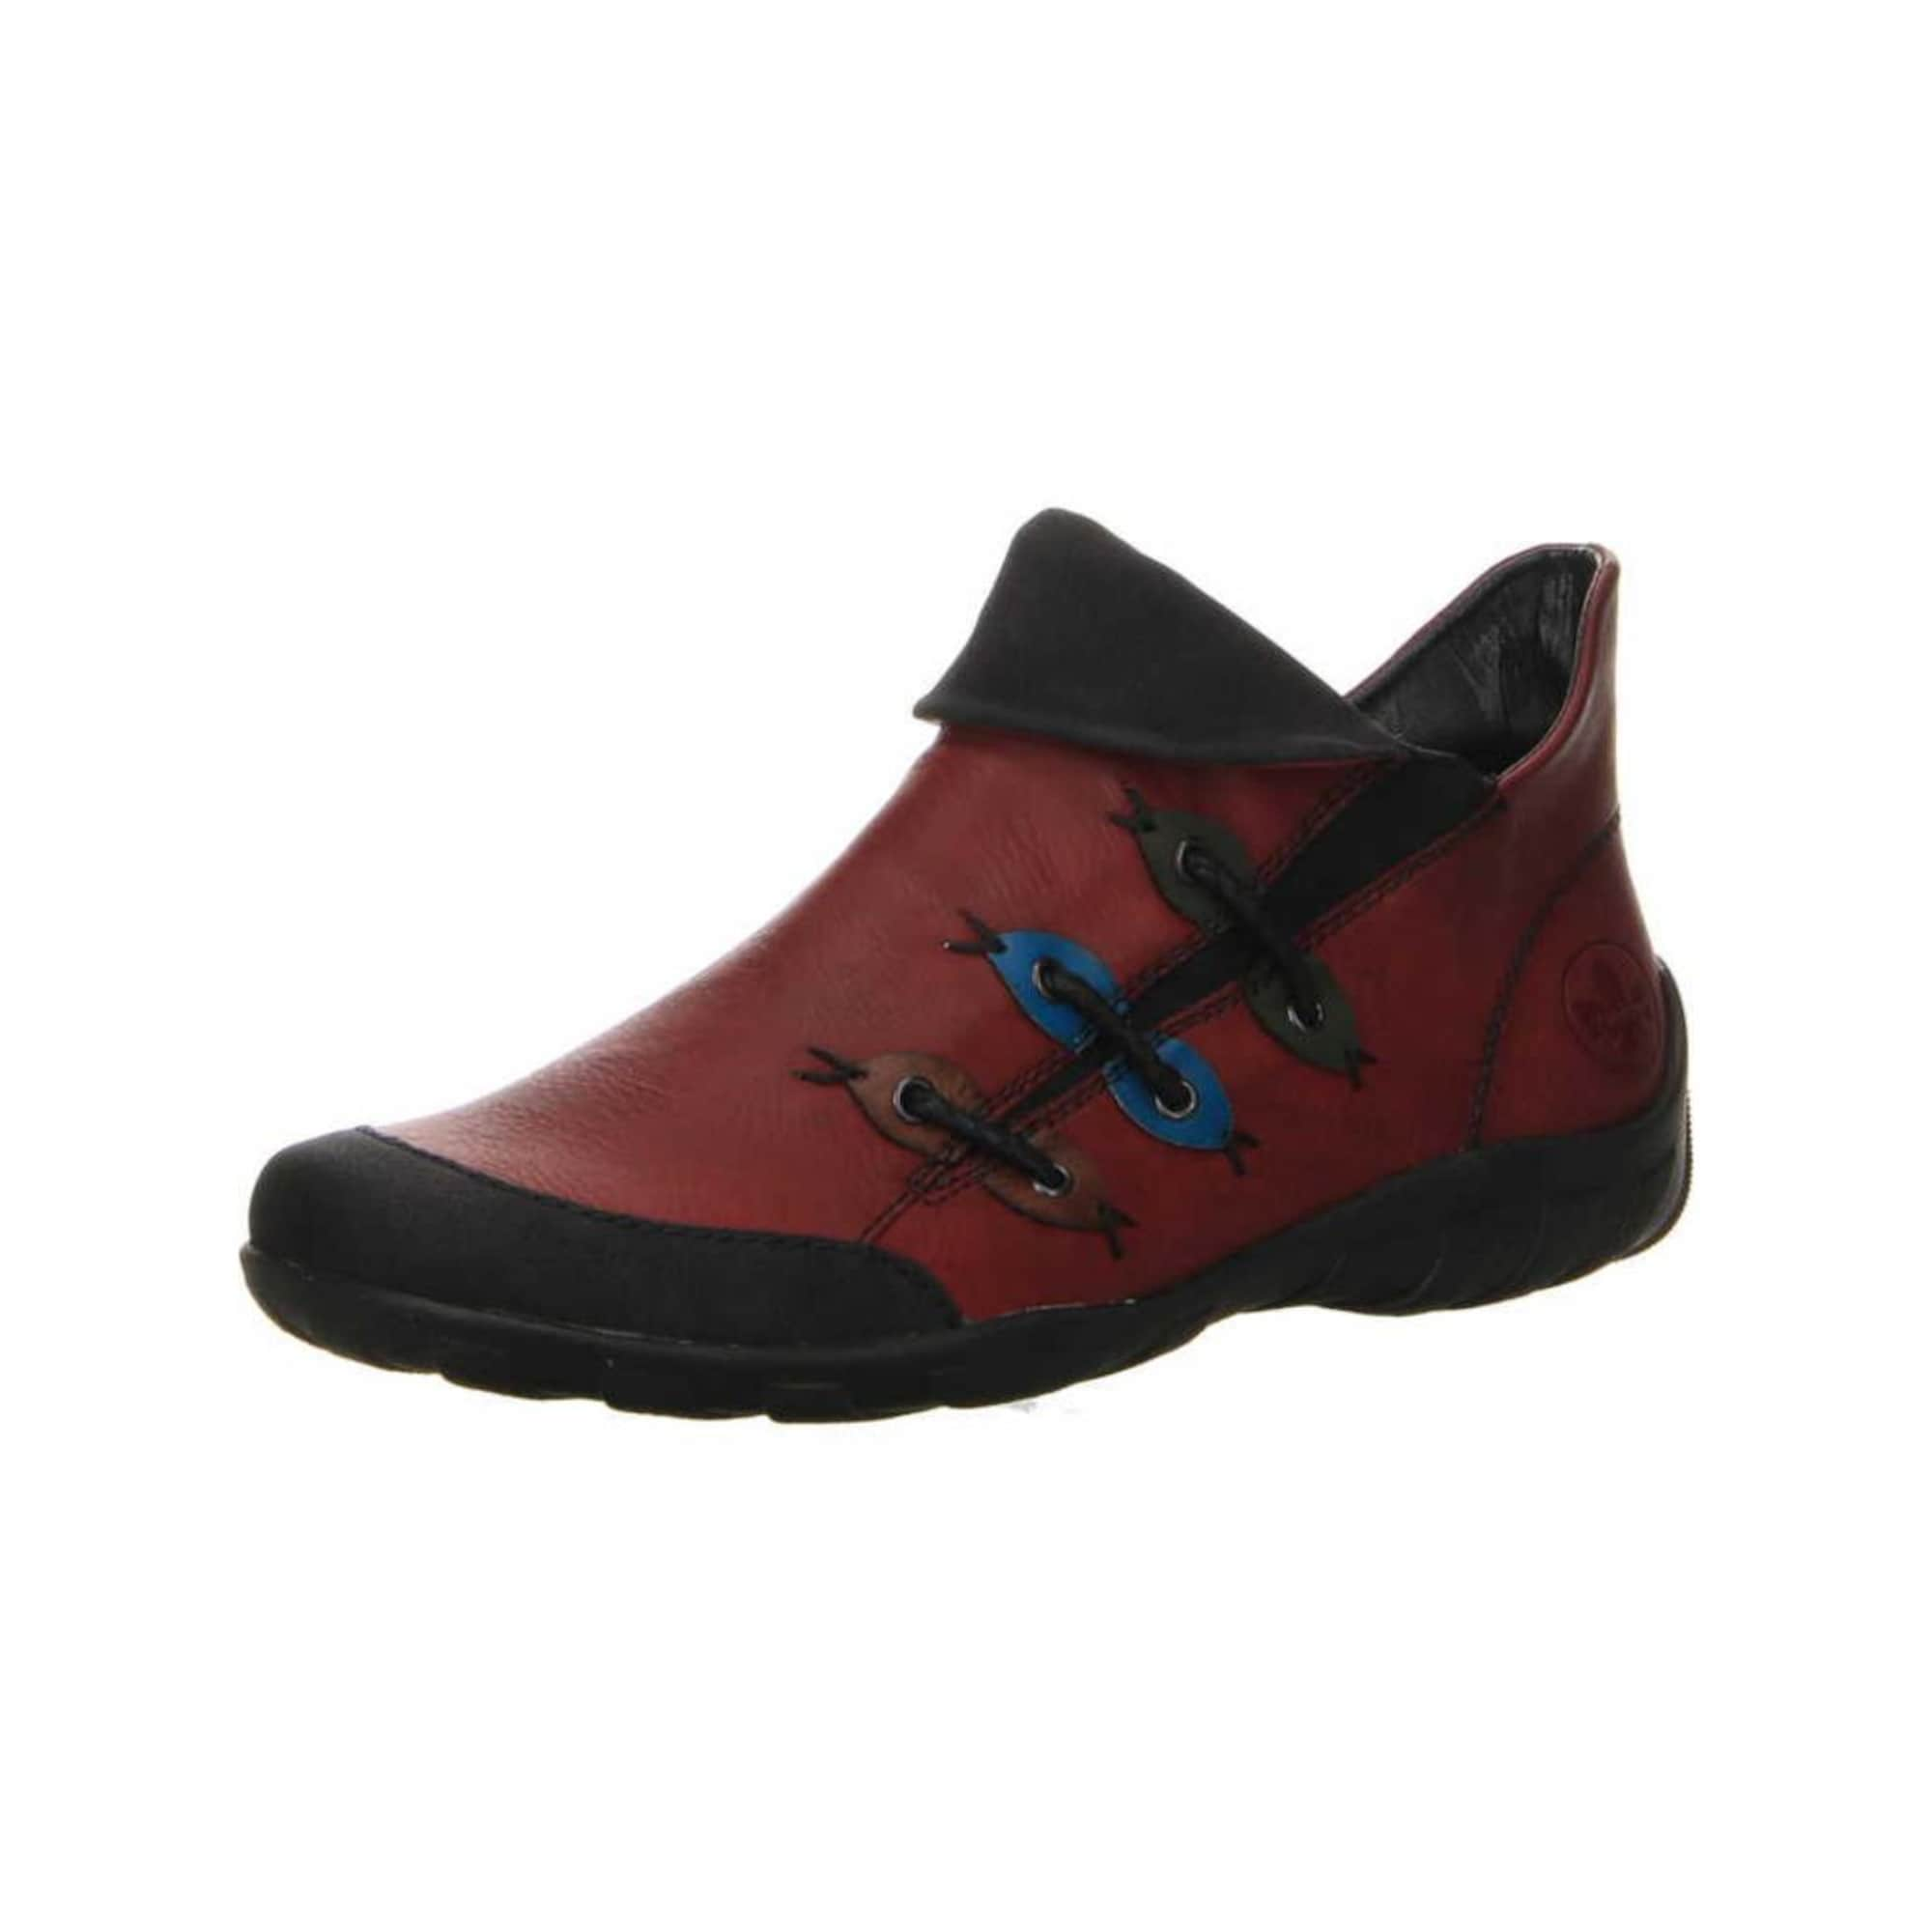 RIEKER Športové šnurovacie topánky  hrdzavo červená / čierna